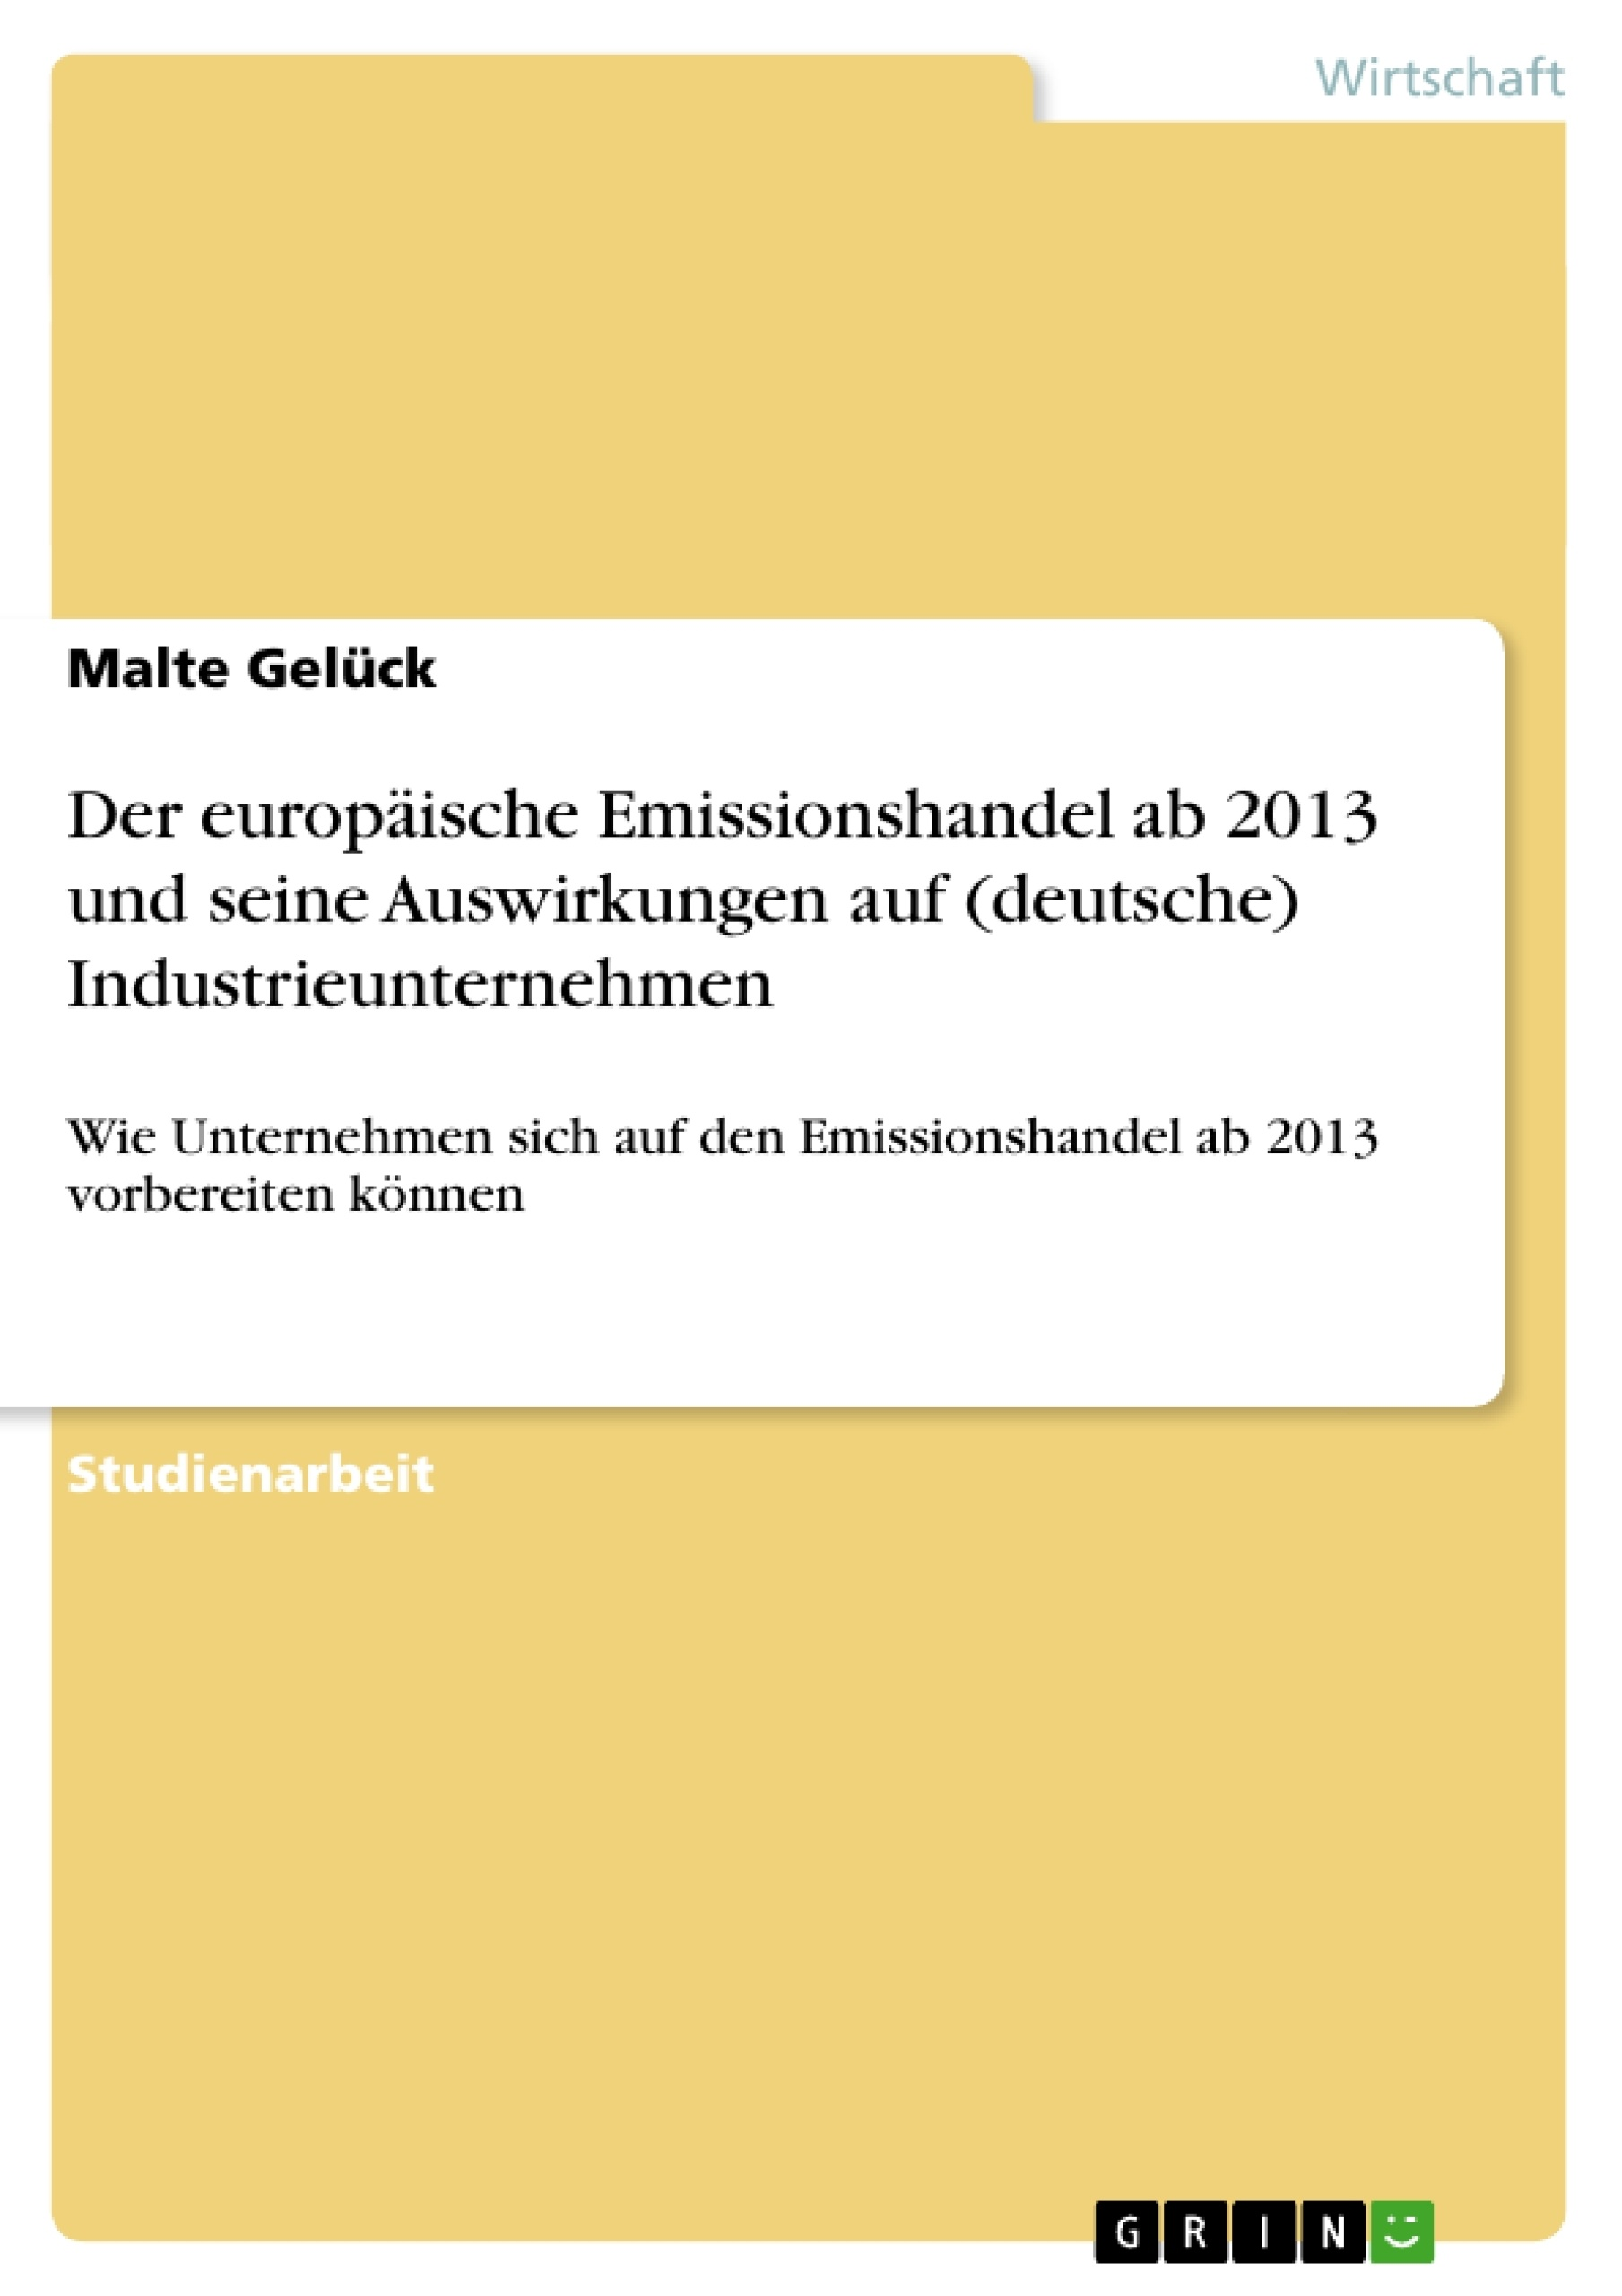 Titel: Der europäische Emissionshandel ab 2013 und seine Auswirkungen auf (deutsche) Industrieunternehmen